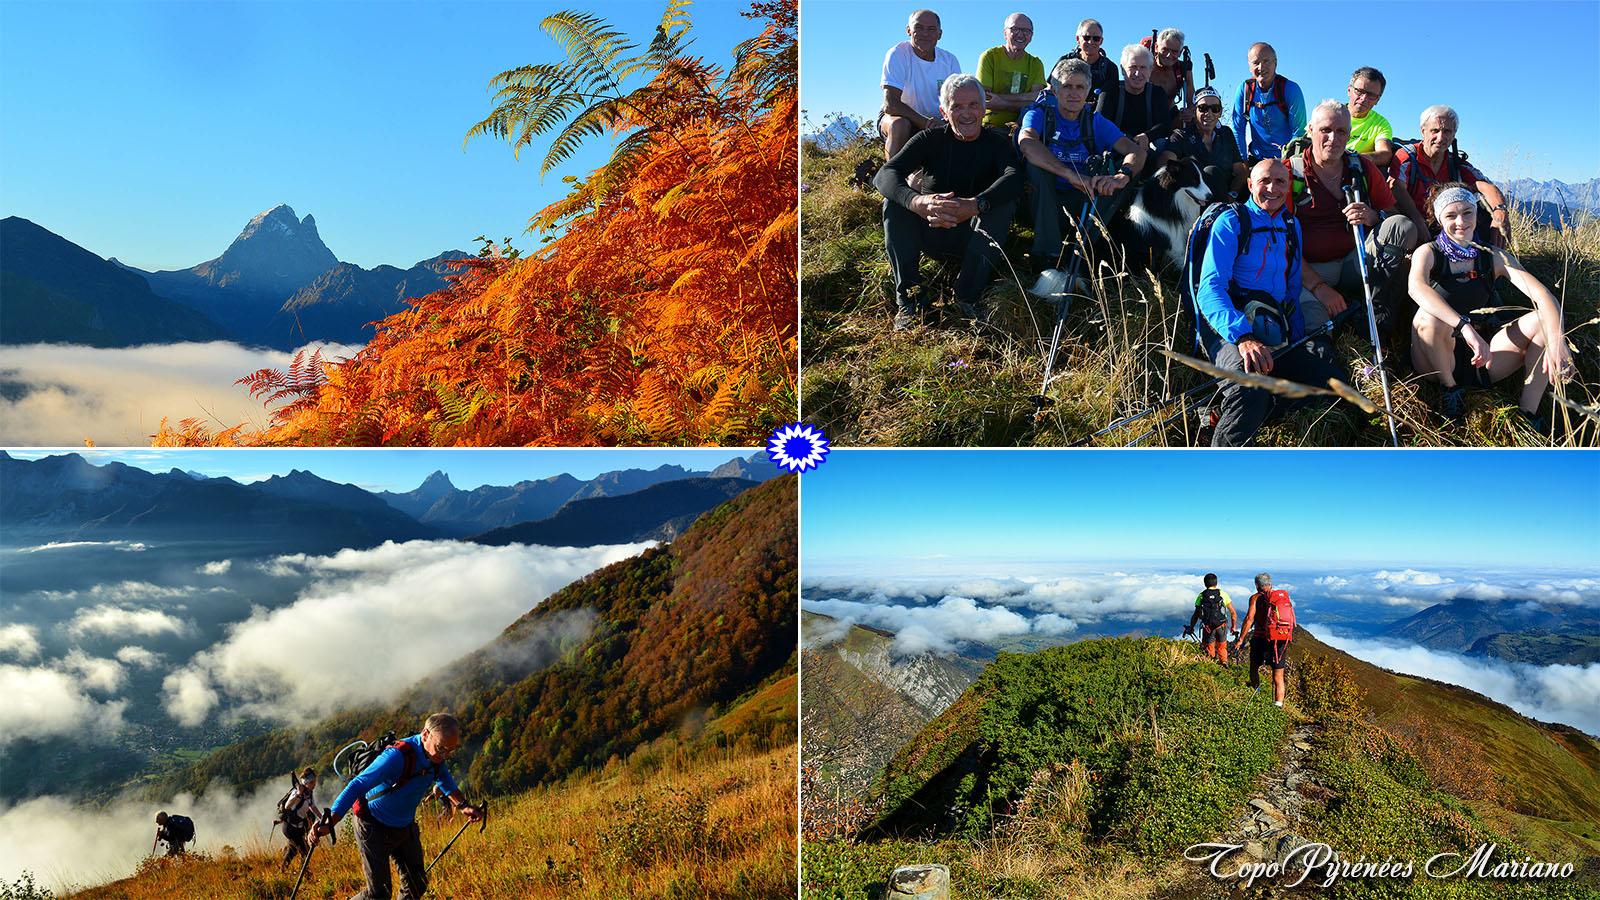 Randonnée des Cinq Monts depuis Laruns